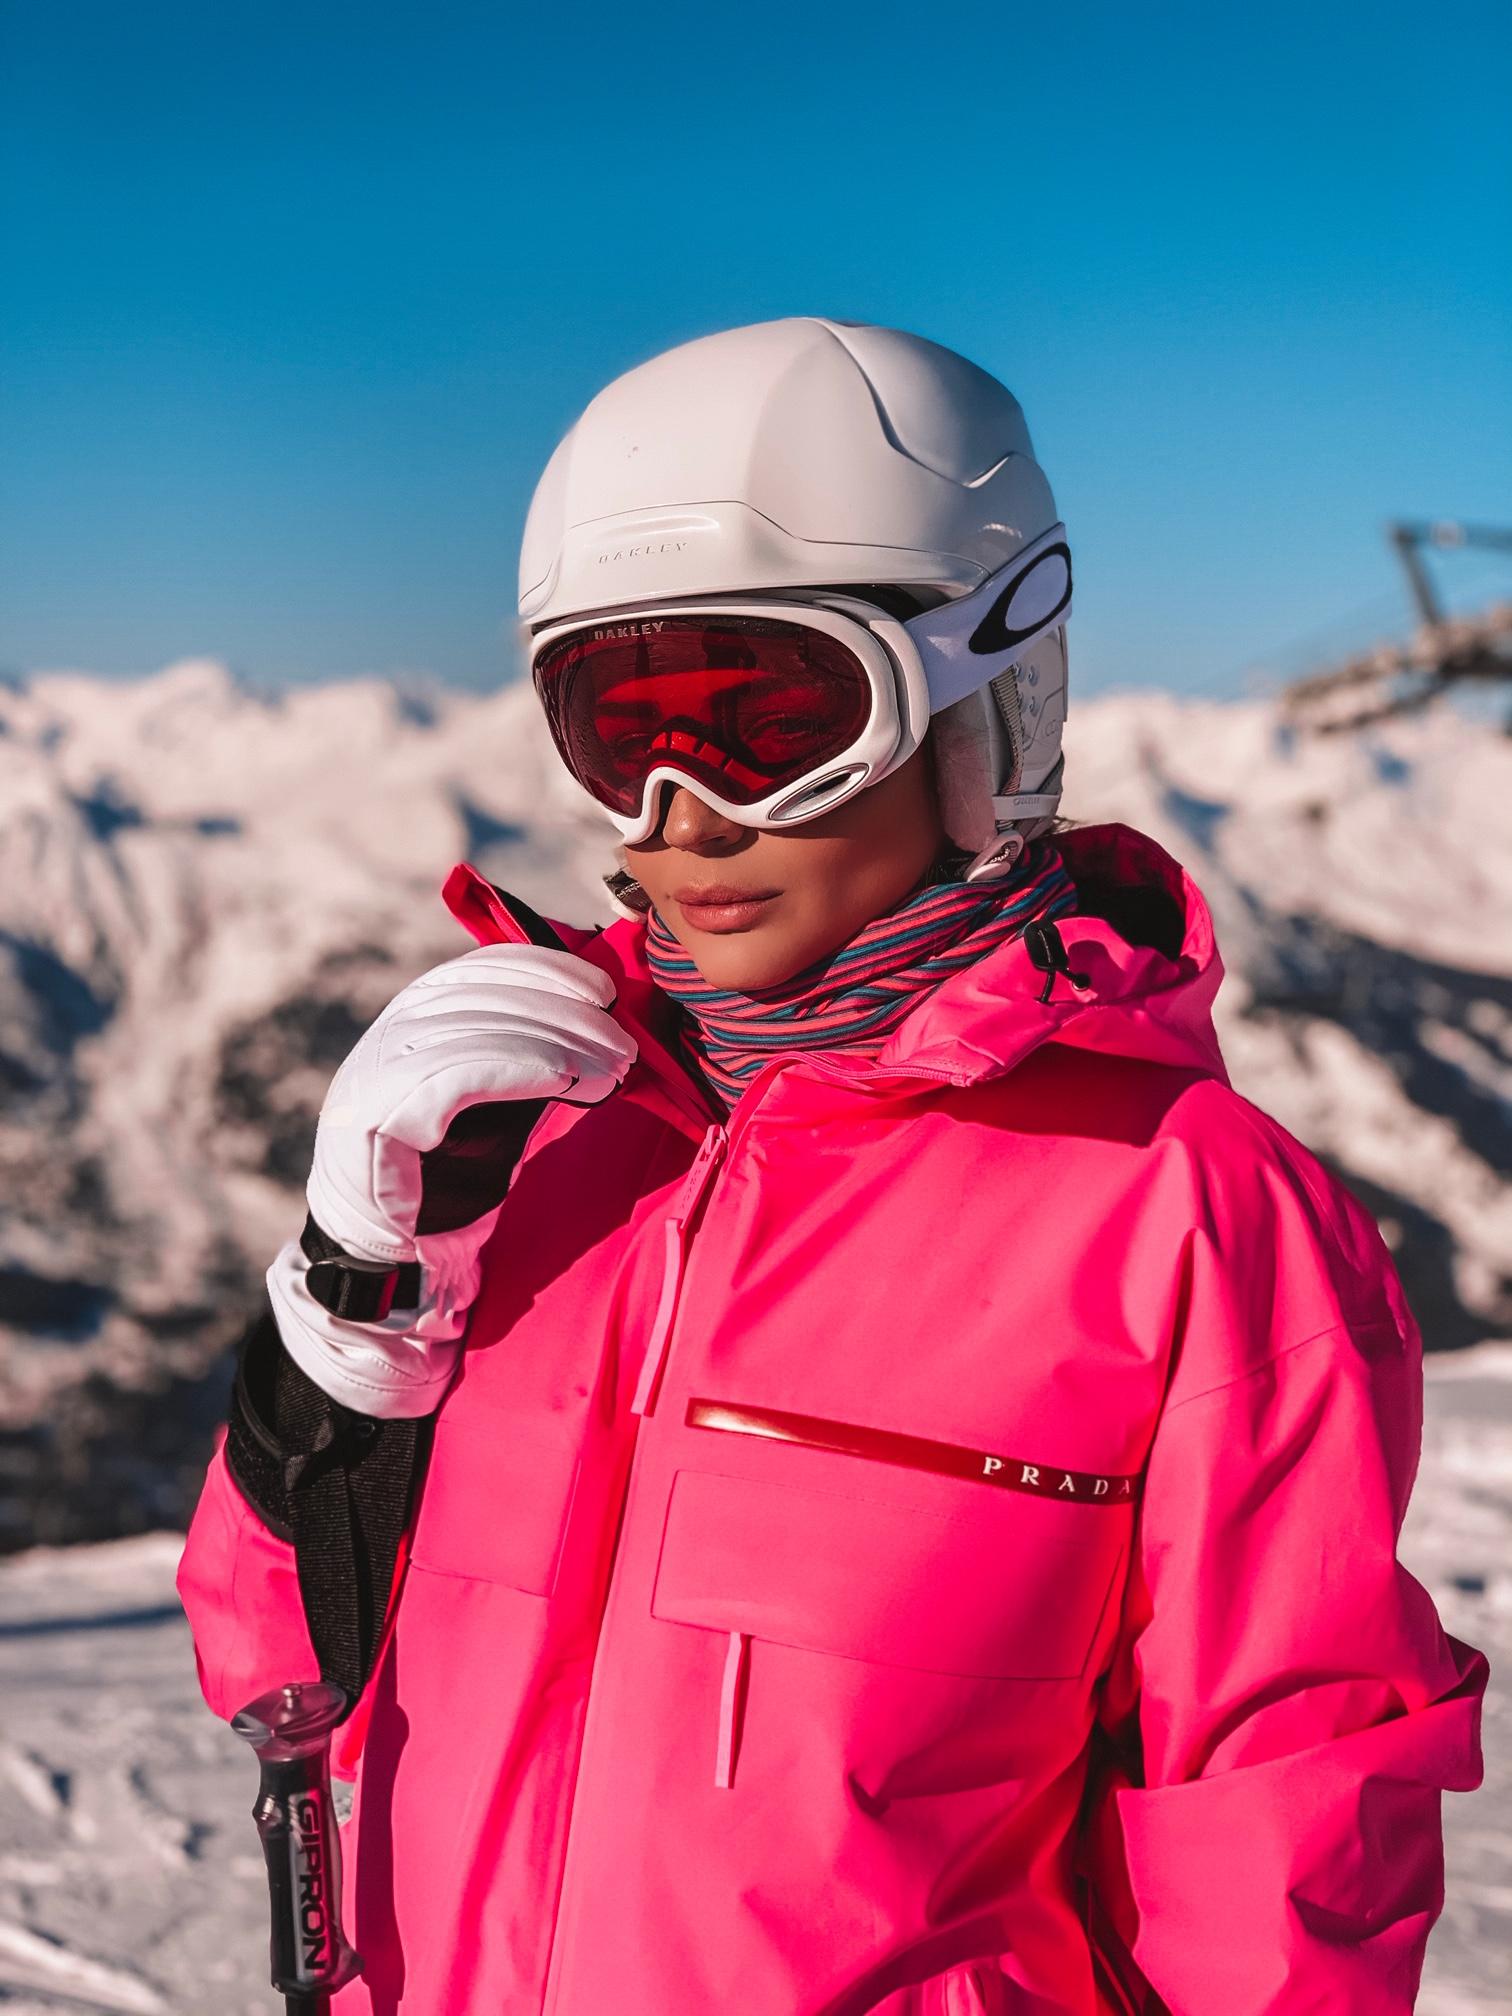 Thássia ski courchevel rosa neon 5